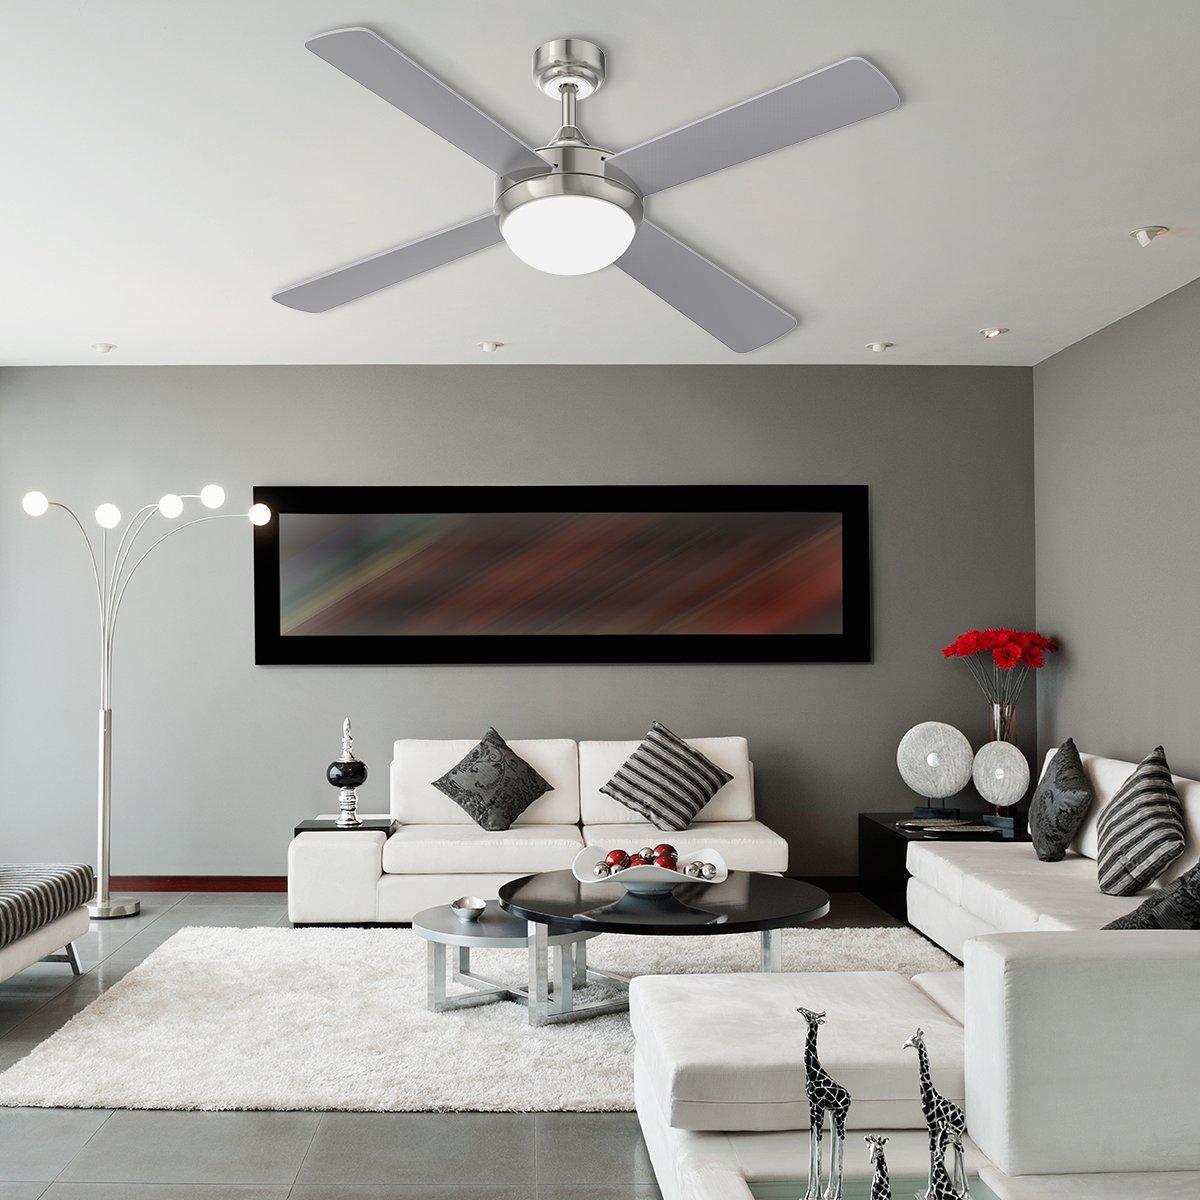 YUNLIGHTS 52 Zoll Ventilator Lampe mit 4 Klingen Deckenventilator mit Licht und Fernbedienung Reversible Rotation 6 Geschwindigkeiten